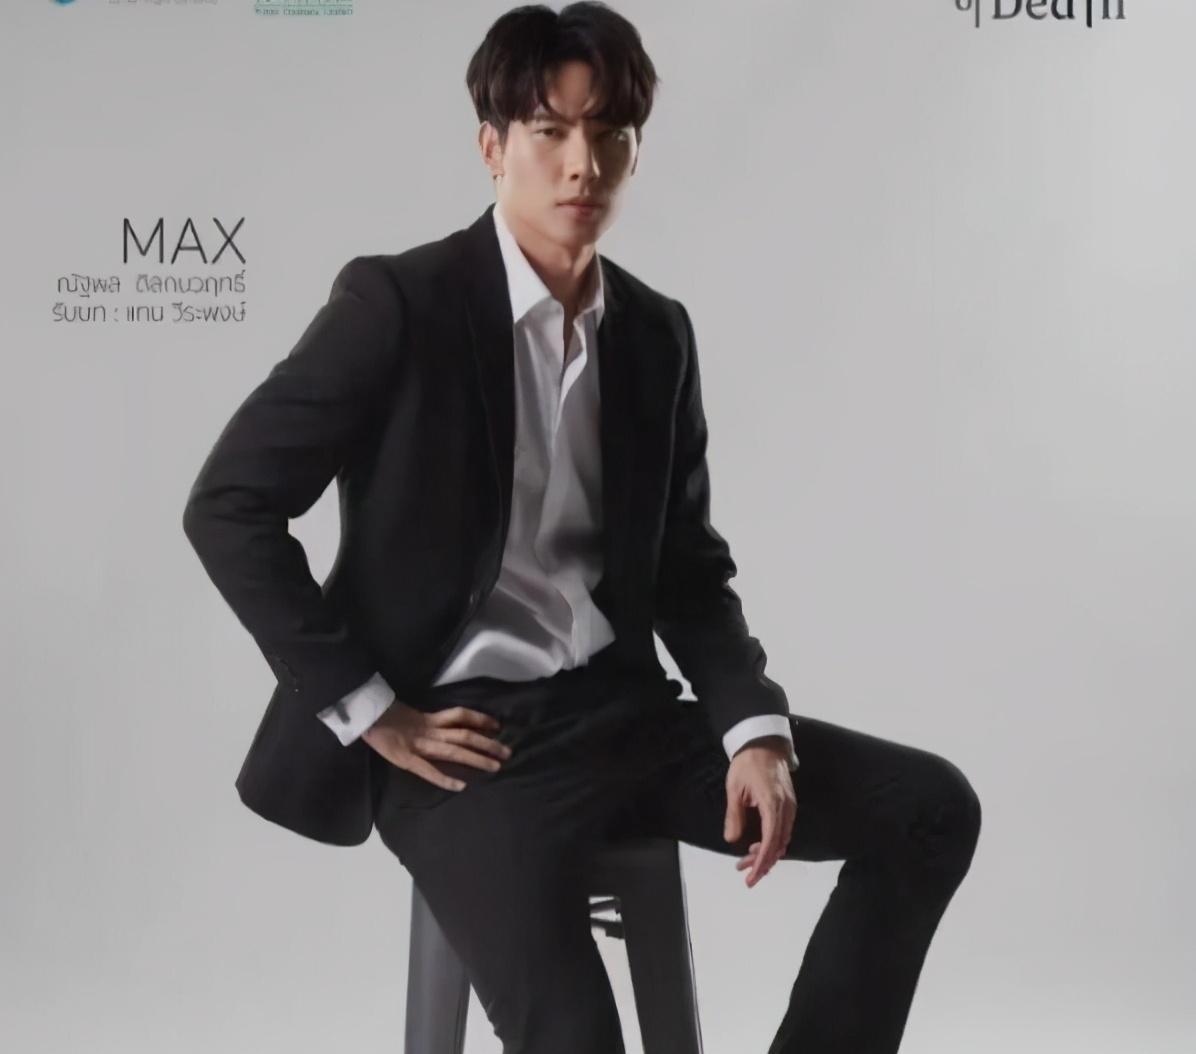 maxtul新剧《亡者之谜》定档11月30日,悬疑题材很带感